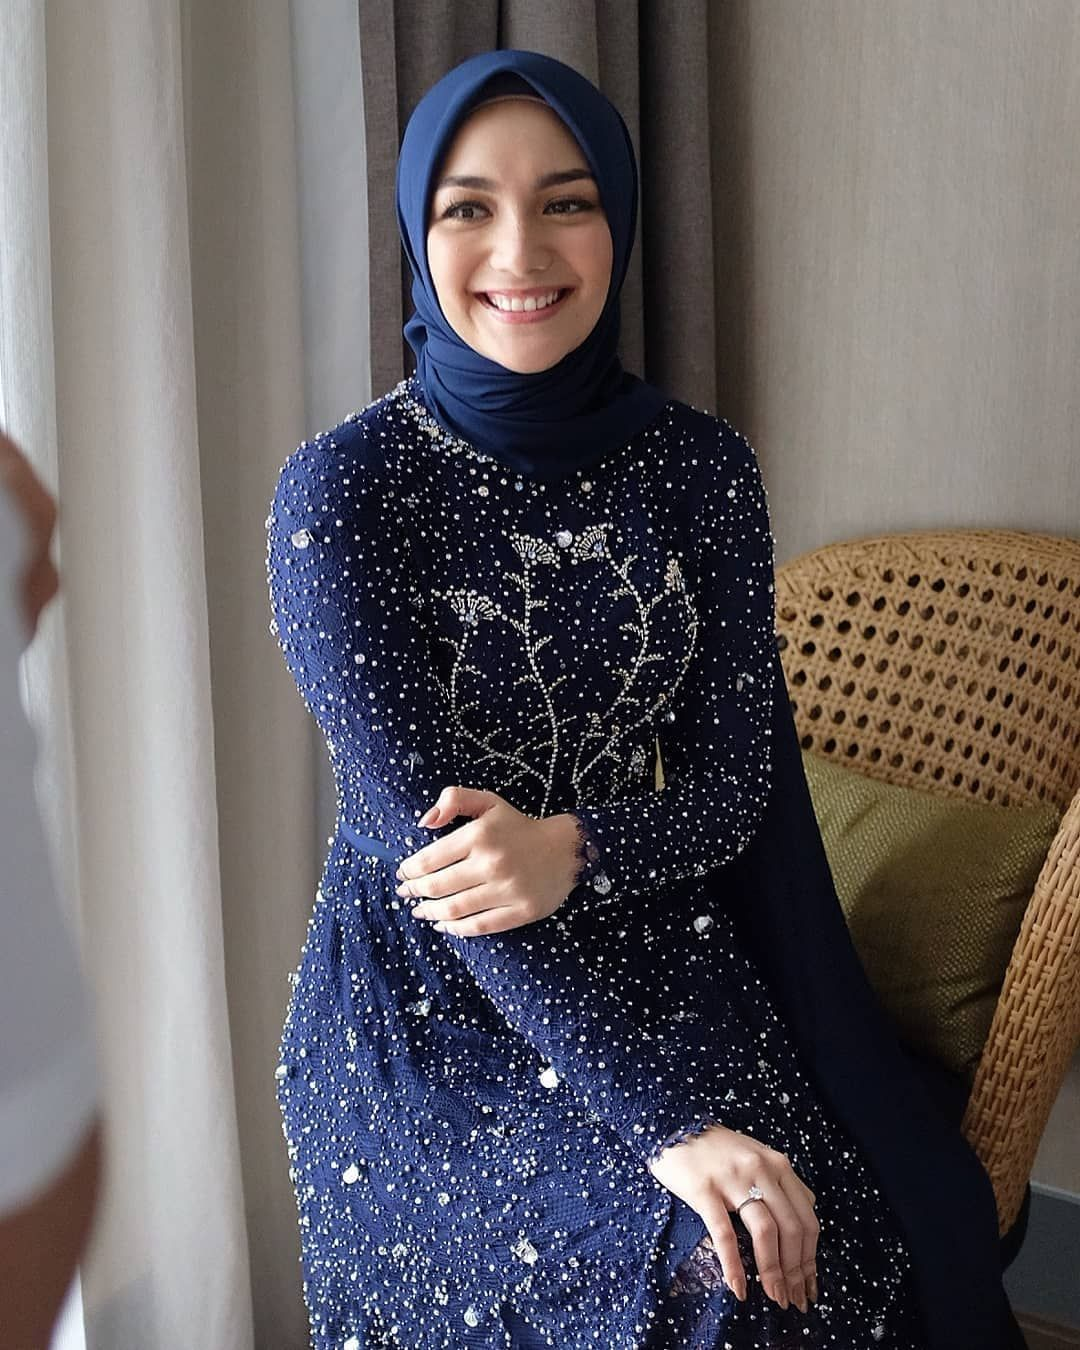 Baju Model Kebaya Citra Kirana Pada Prosesi Lamaran Pakaian Pesta Model Baju Wanita Kebaya Jilbab